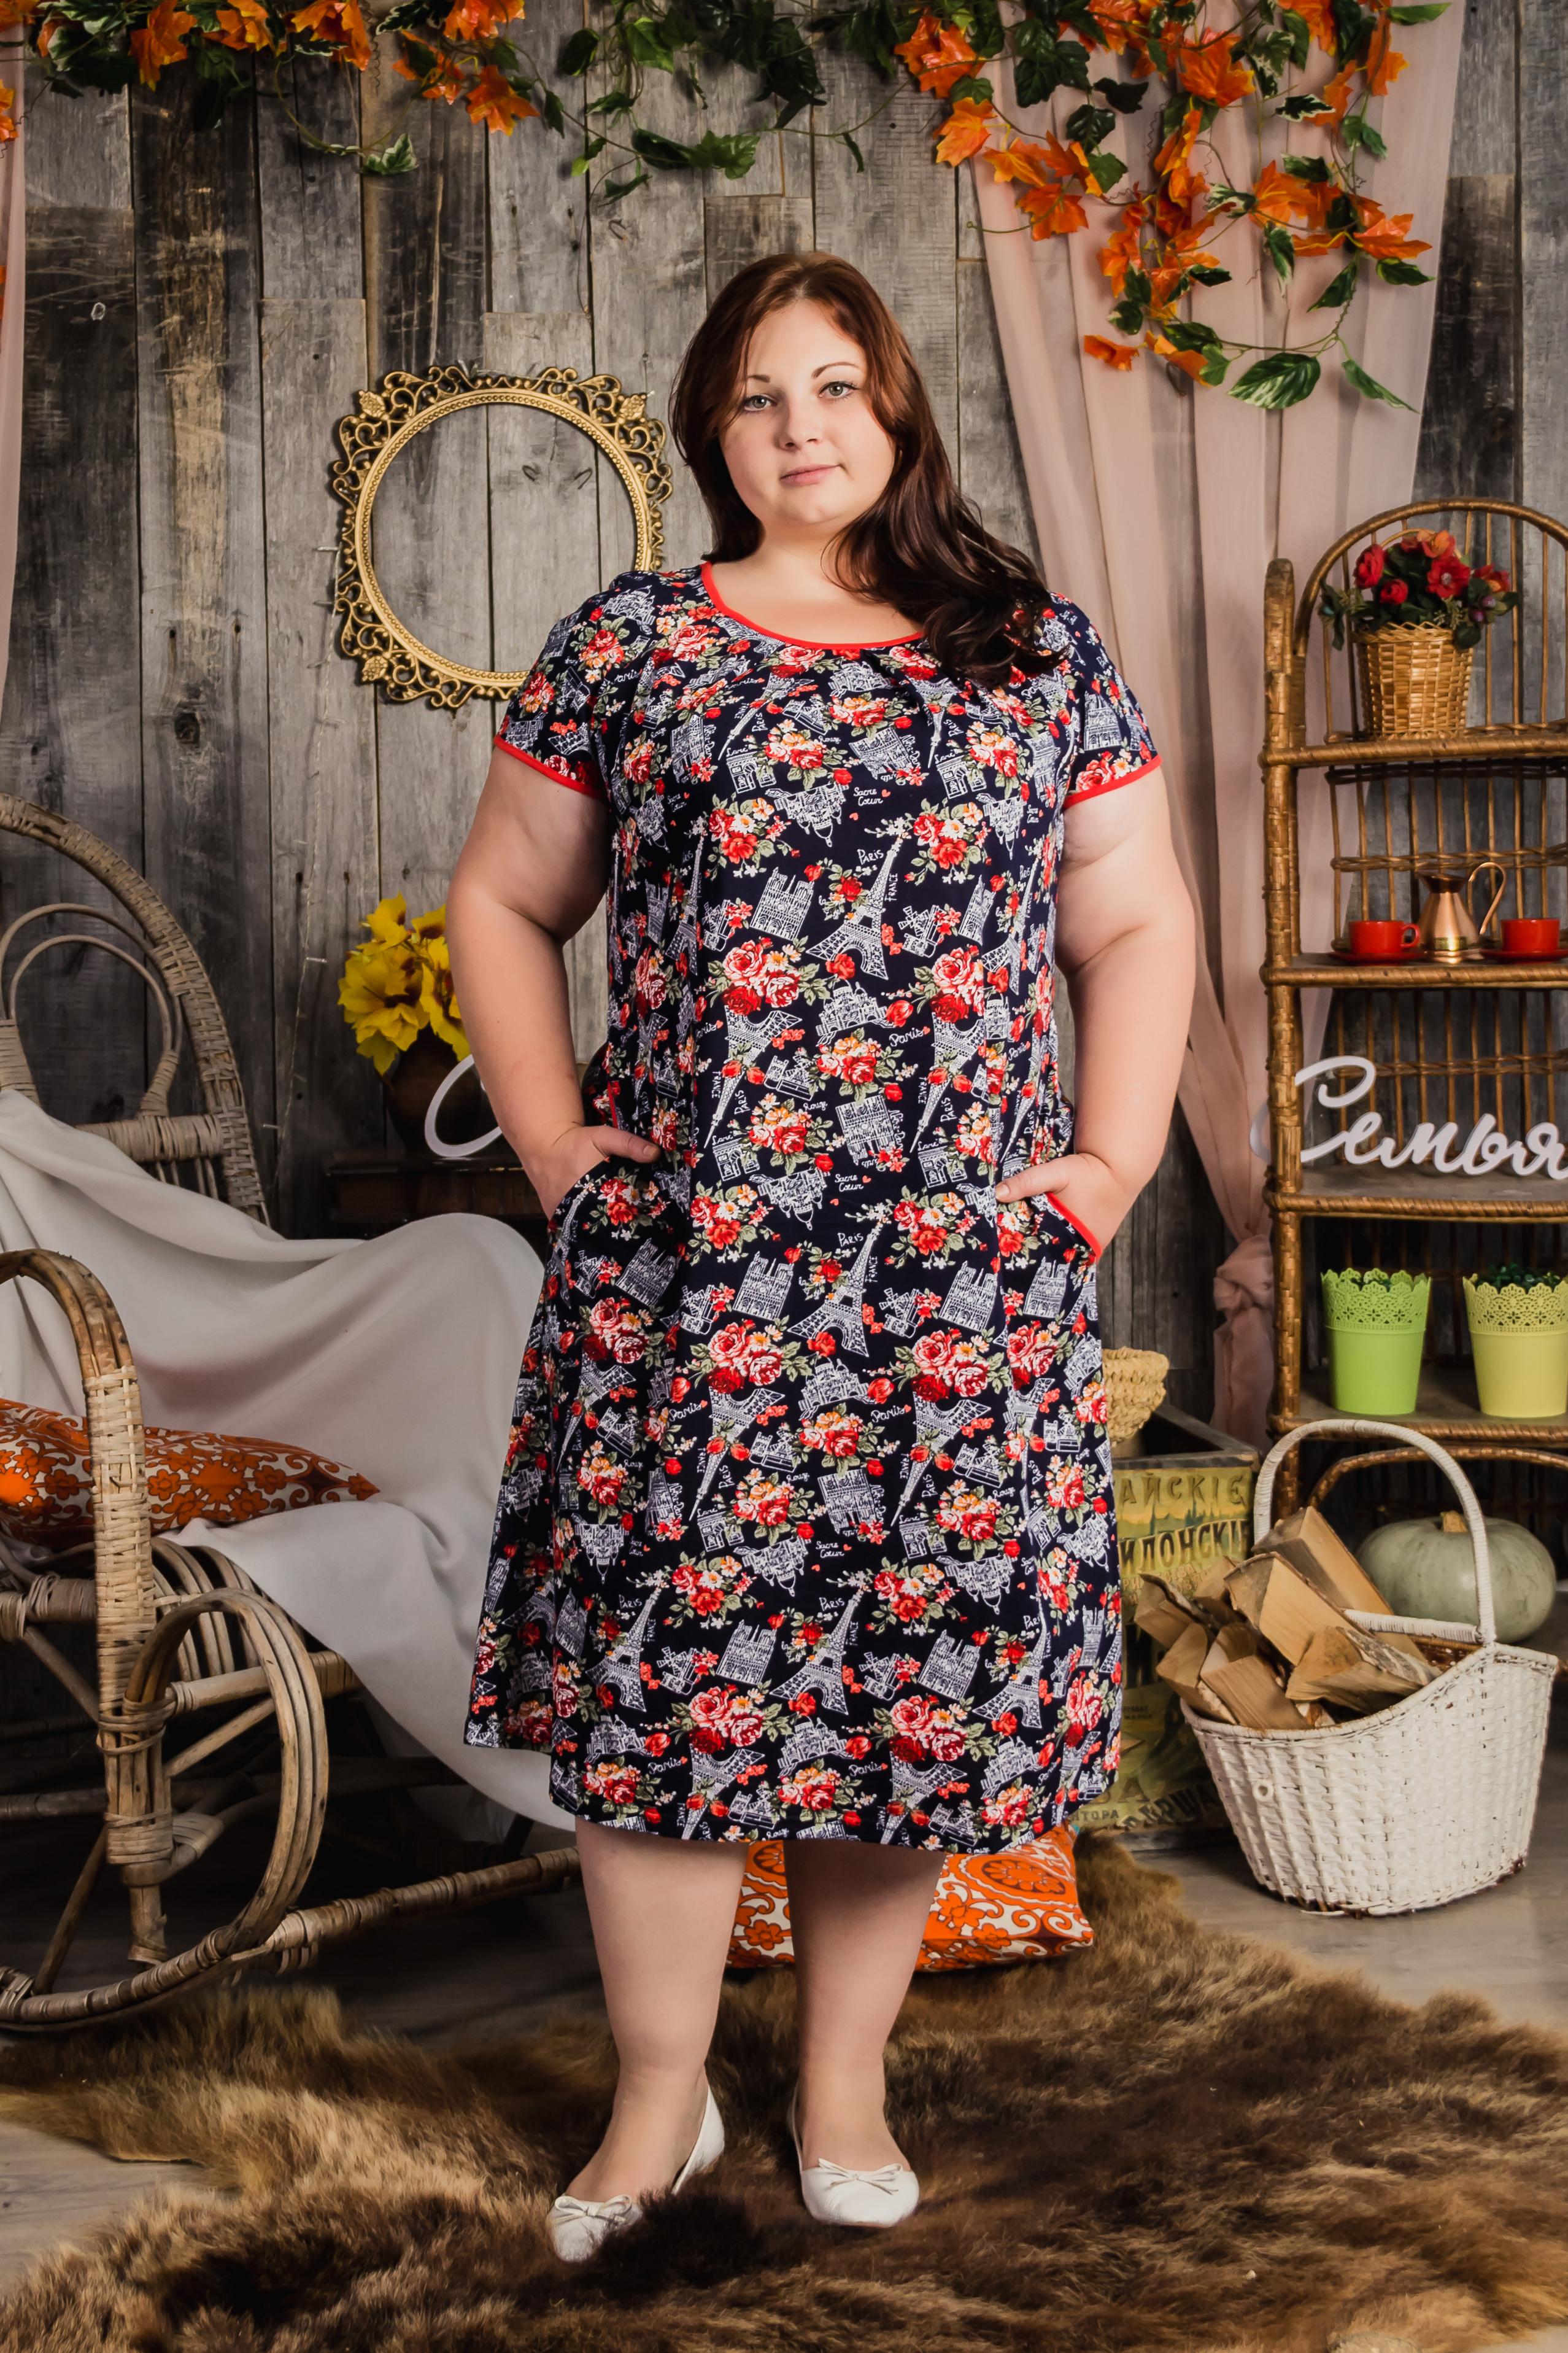 Изображение: Туника-платье со складками спереди, с короткими рукавами